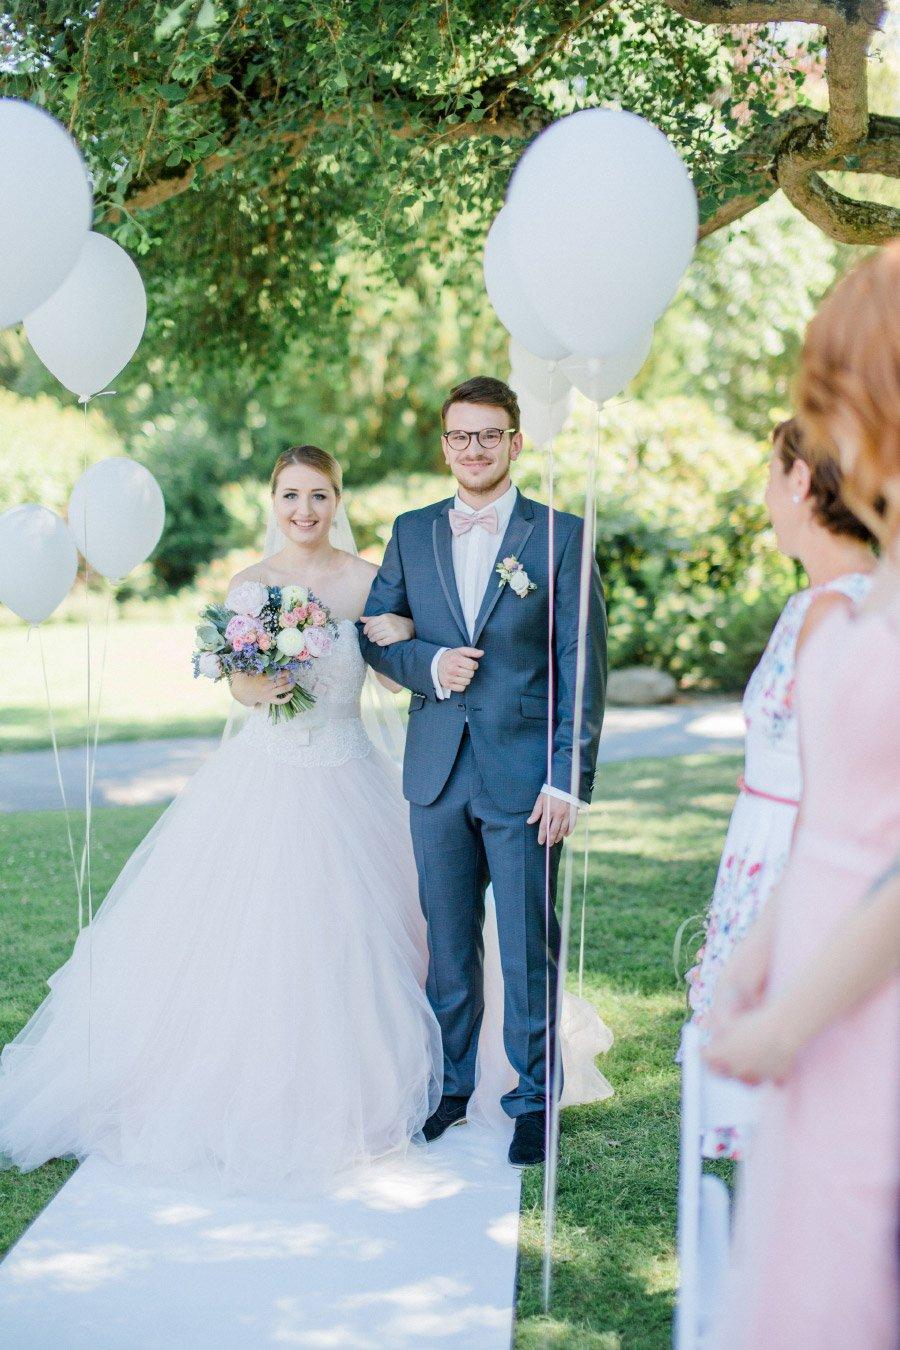 Braut und Bräutigam auf dem Weg zum Traubogen